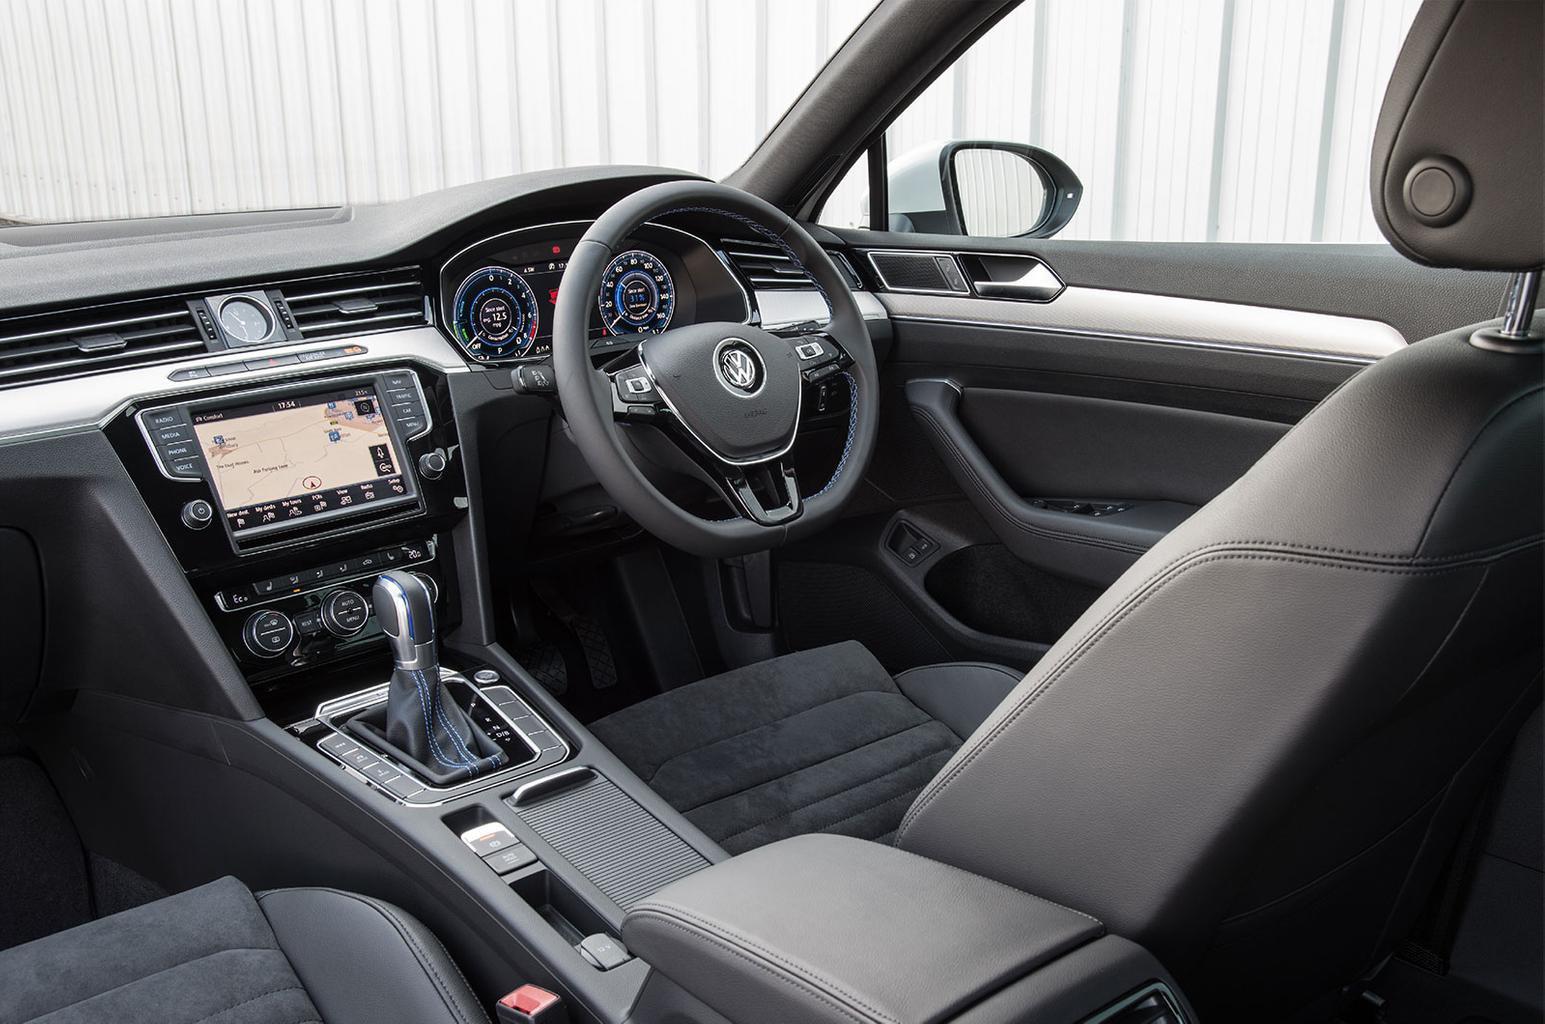 Volkswagen Passat GTE dashboard